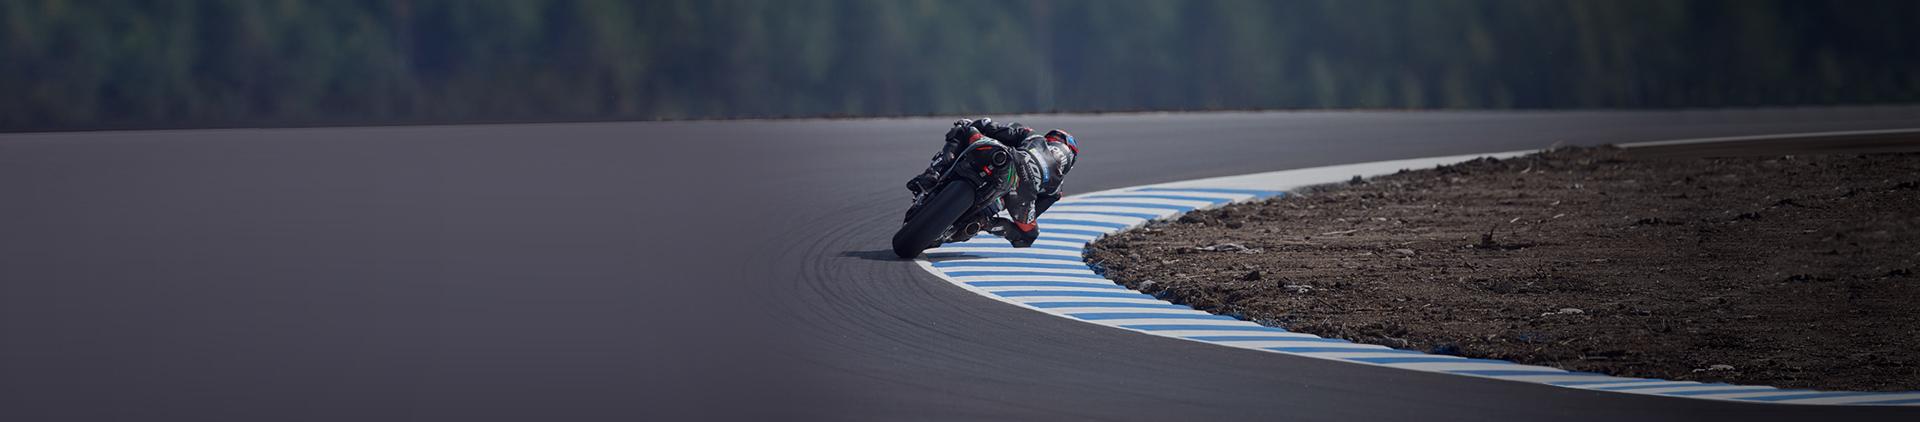 MotoGP Finlandia